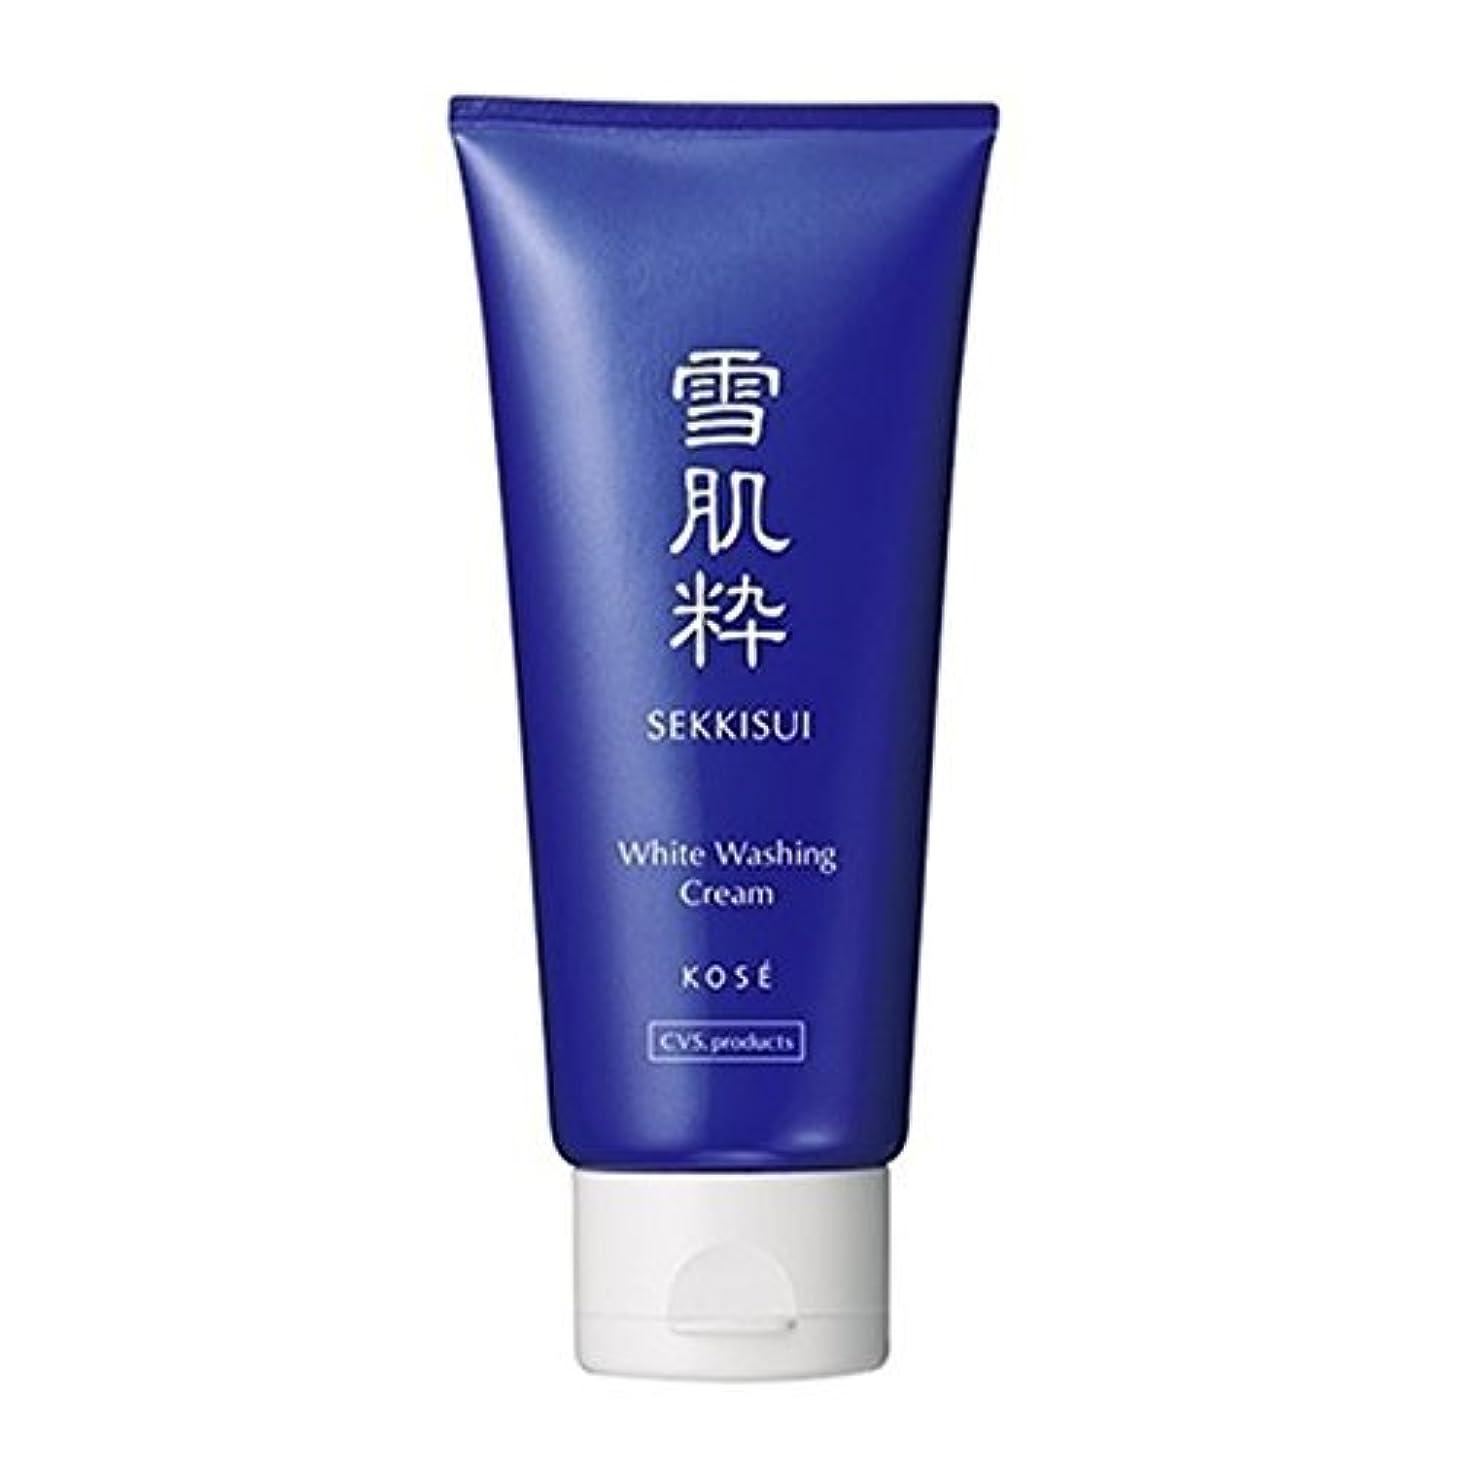 開業医スマイル登録コーセー 雪肌粋 ホワイト洗顔クリーム Kose Sekkisui White Washing Cream 80g×3本